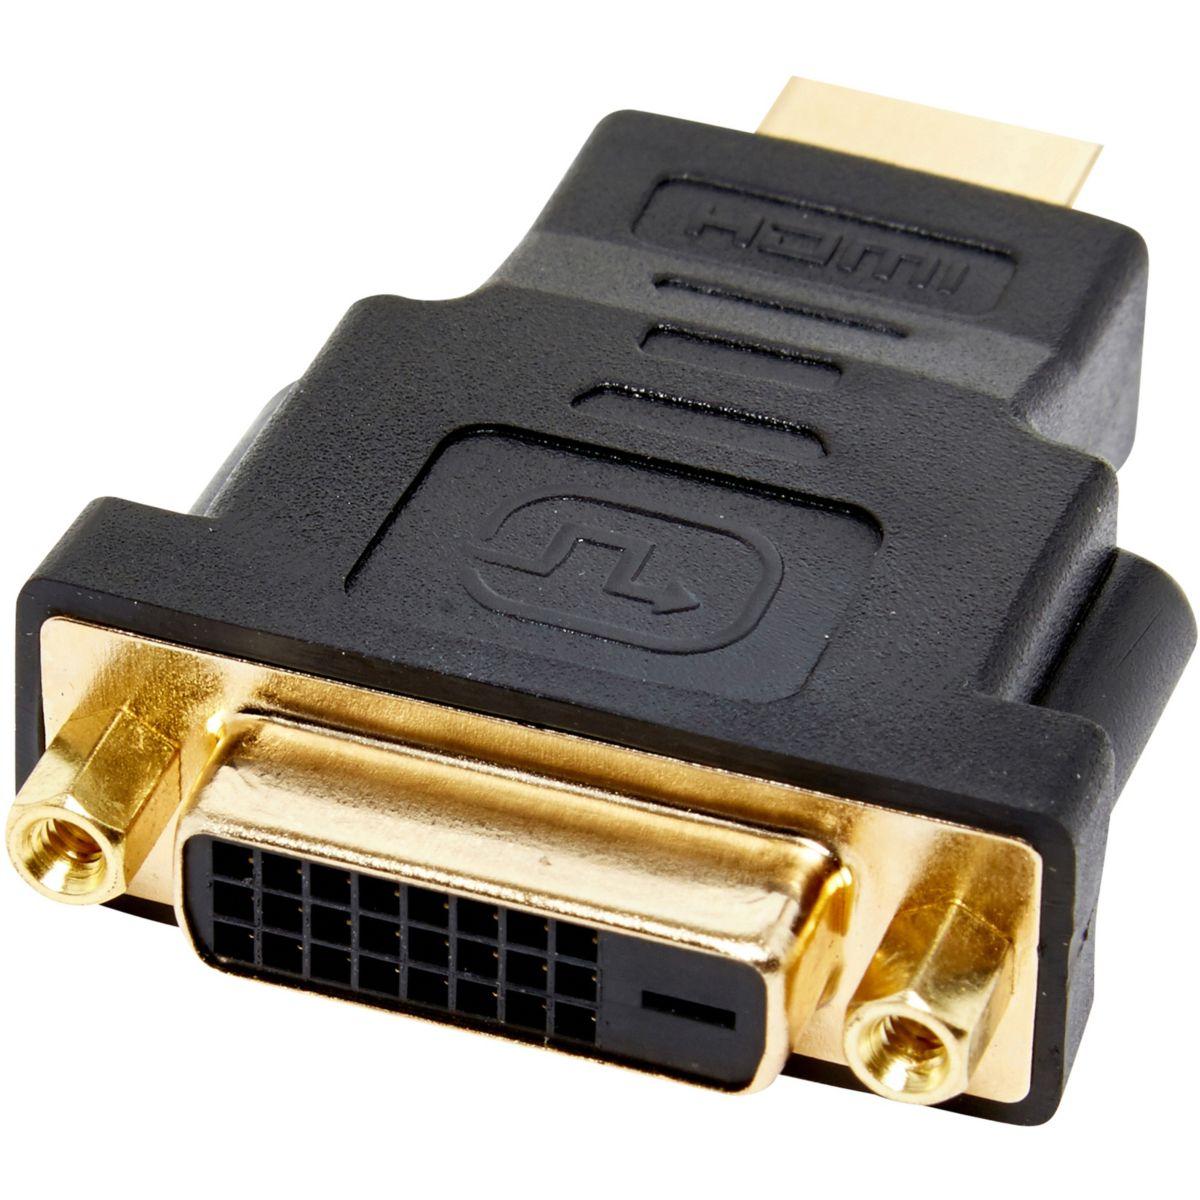 Adaptateur HDMI ESSENTIELB DVI / HDMI (photo)